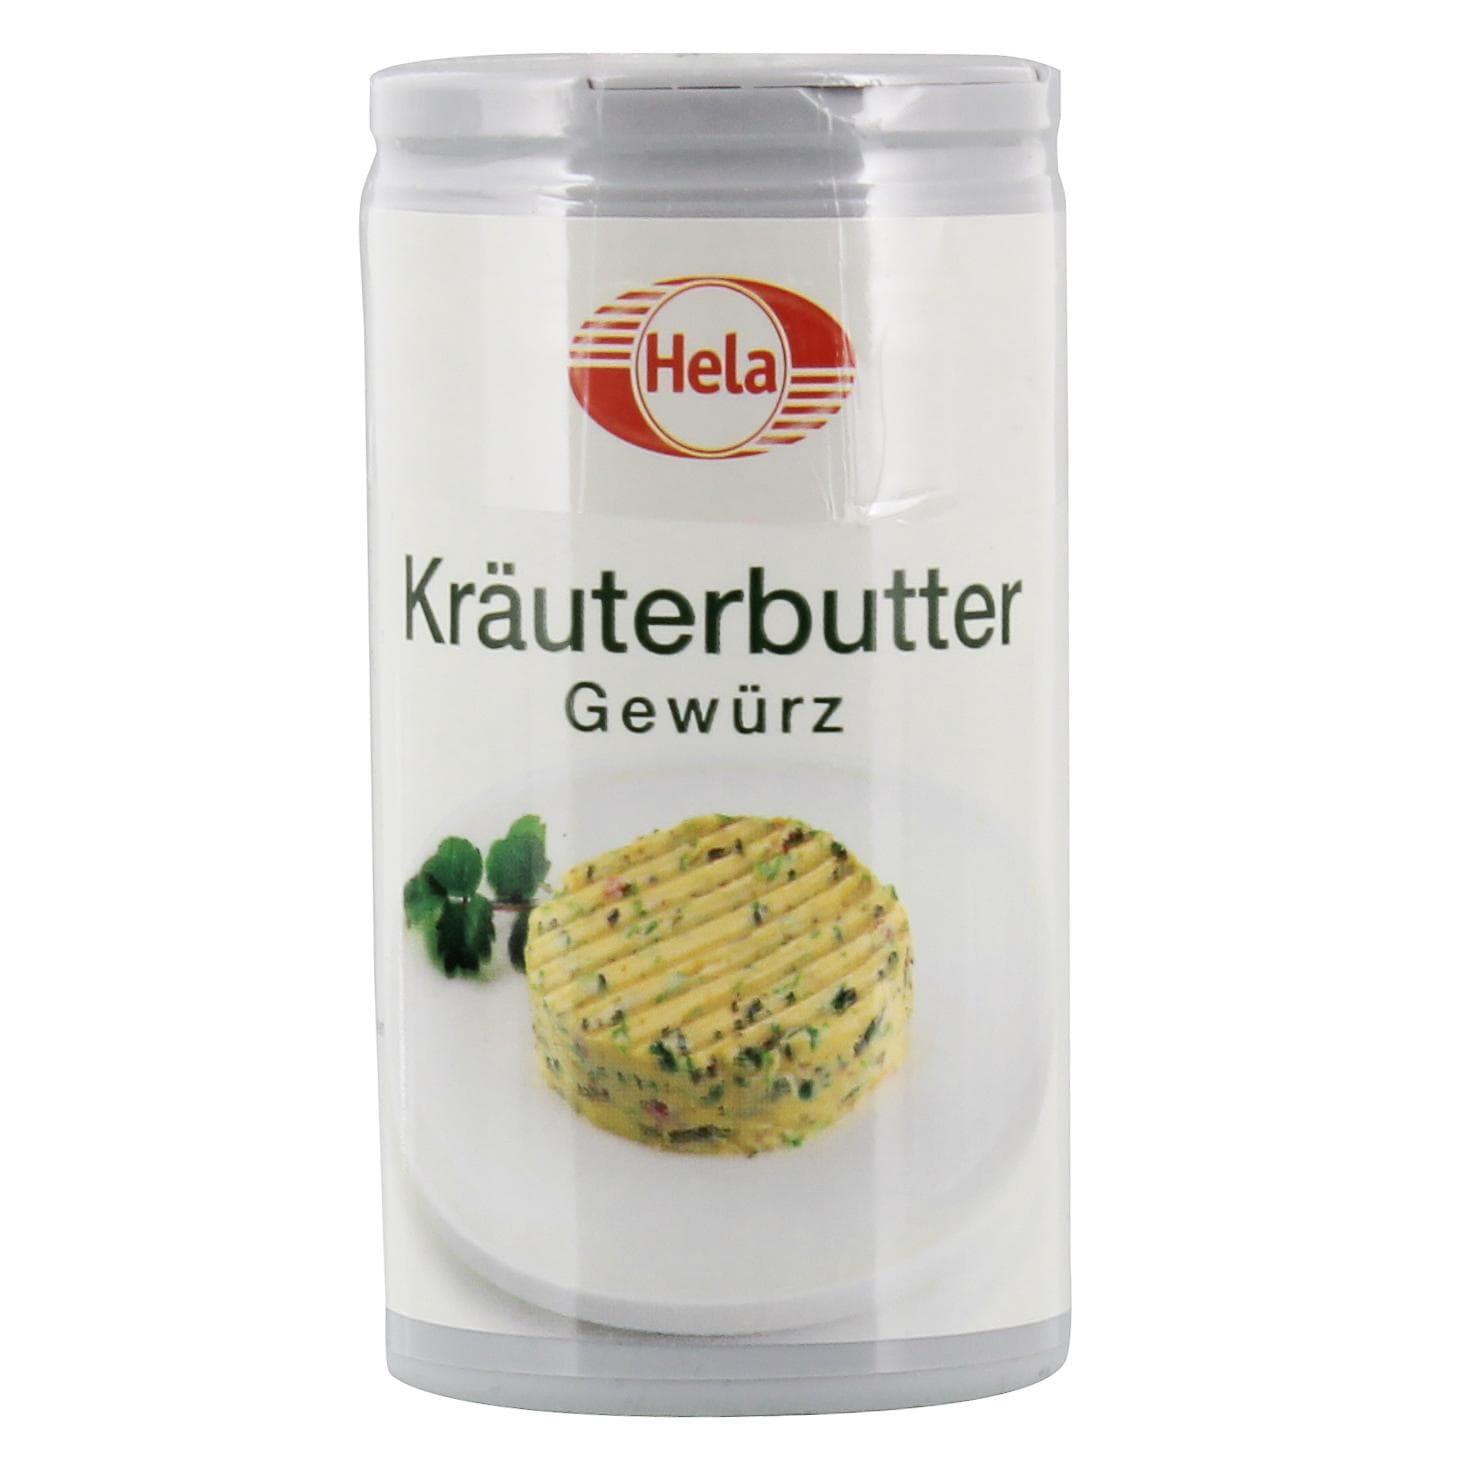 Hela - Kräuterbutter Gewürz Gewürzspender - 25g